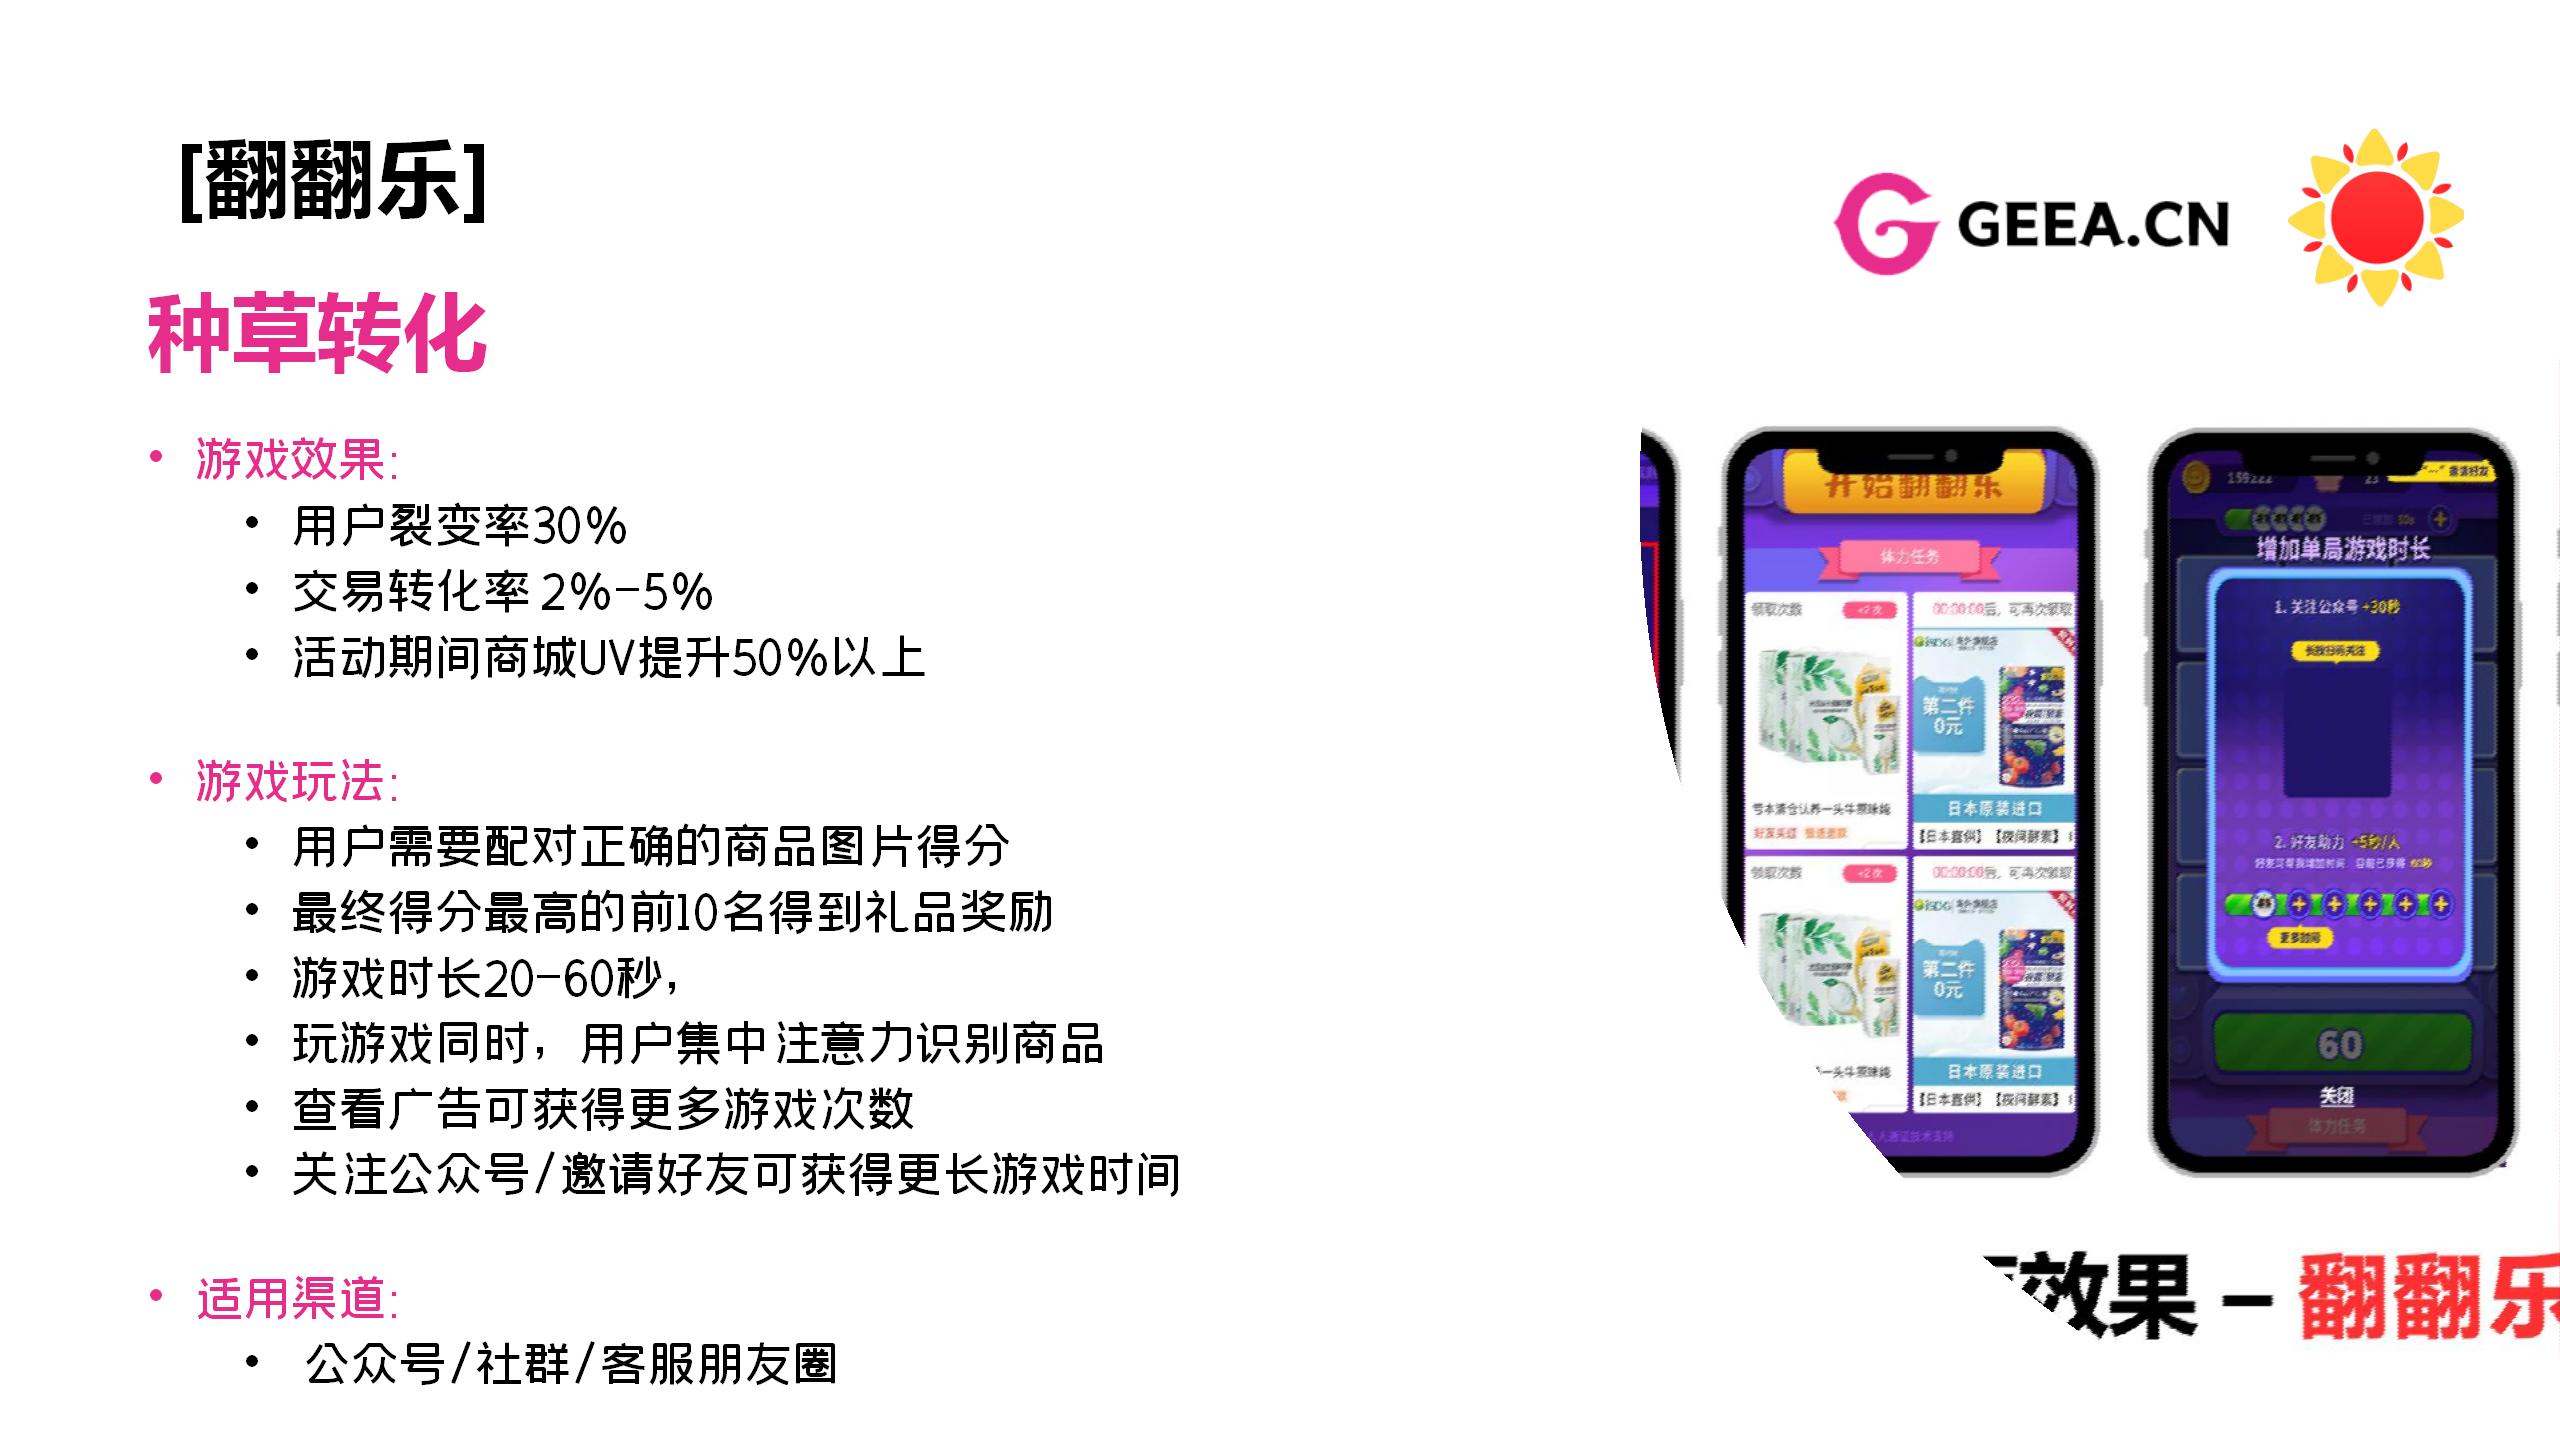 集亚营销游戏案例整理_02.png